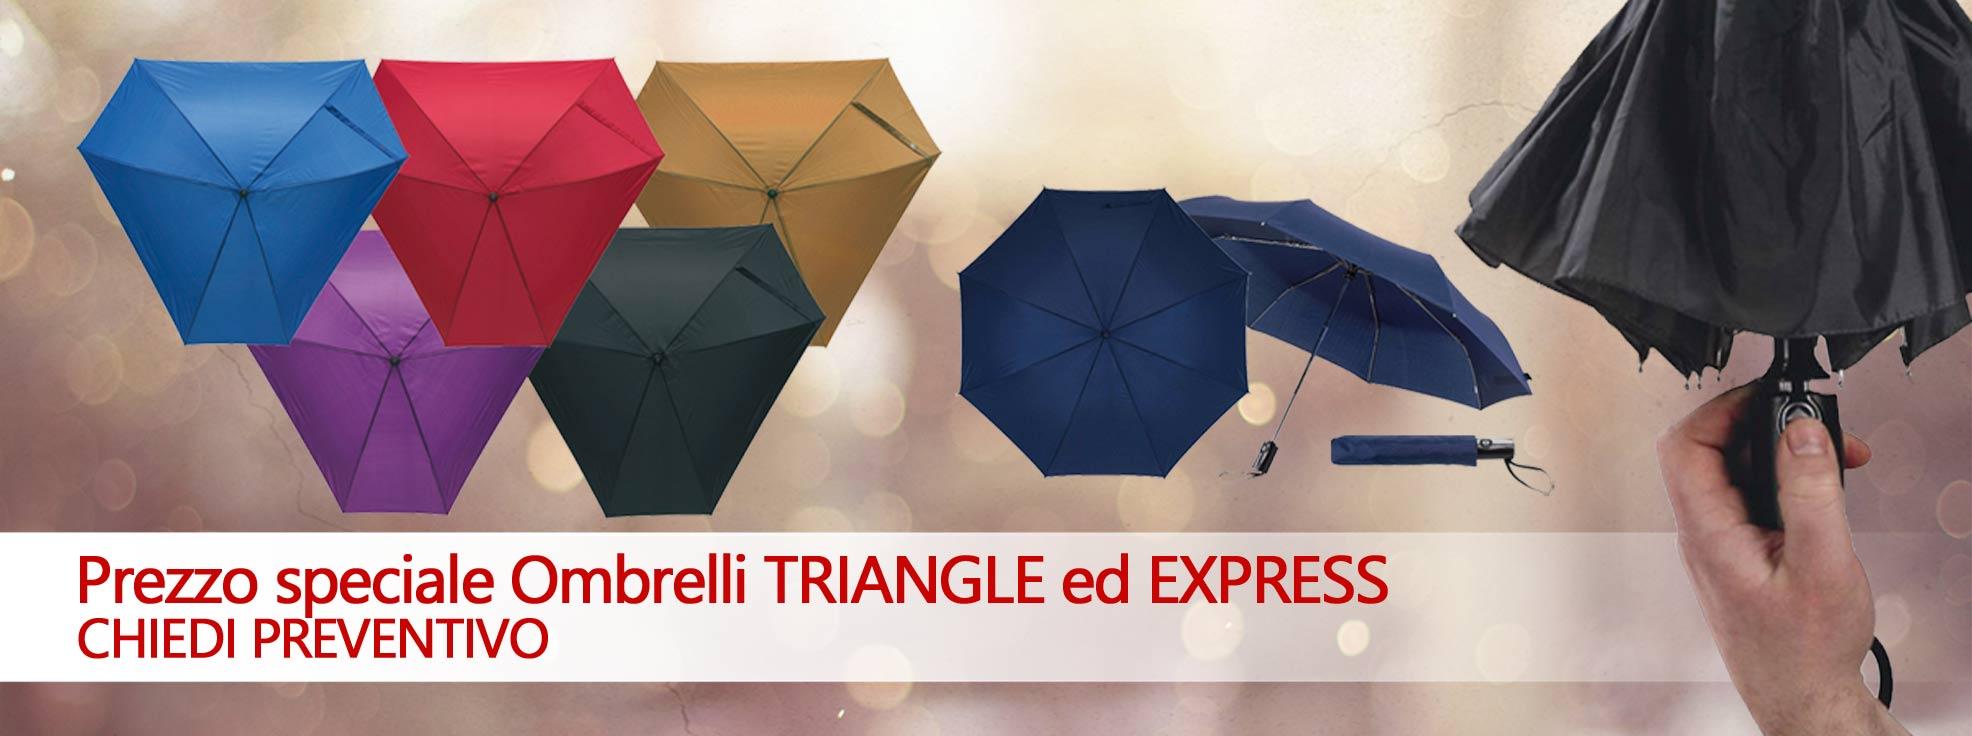 Regali aziendali ombrelli